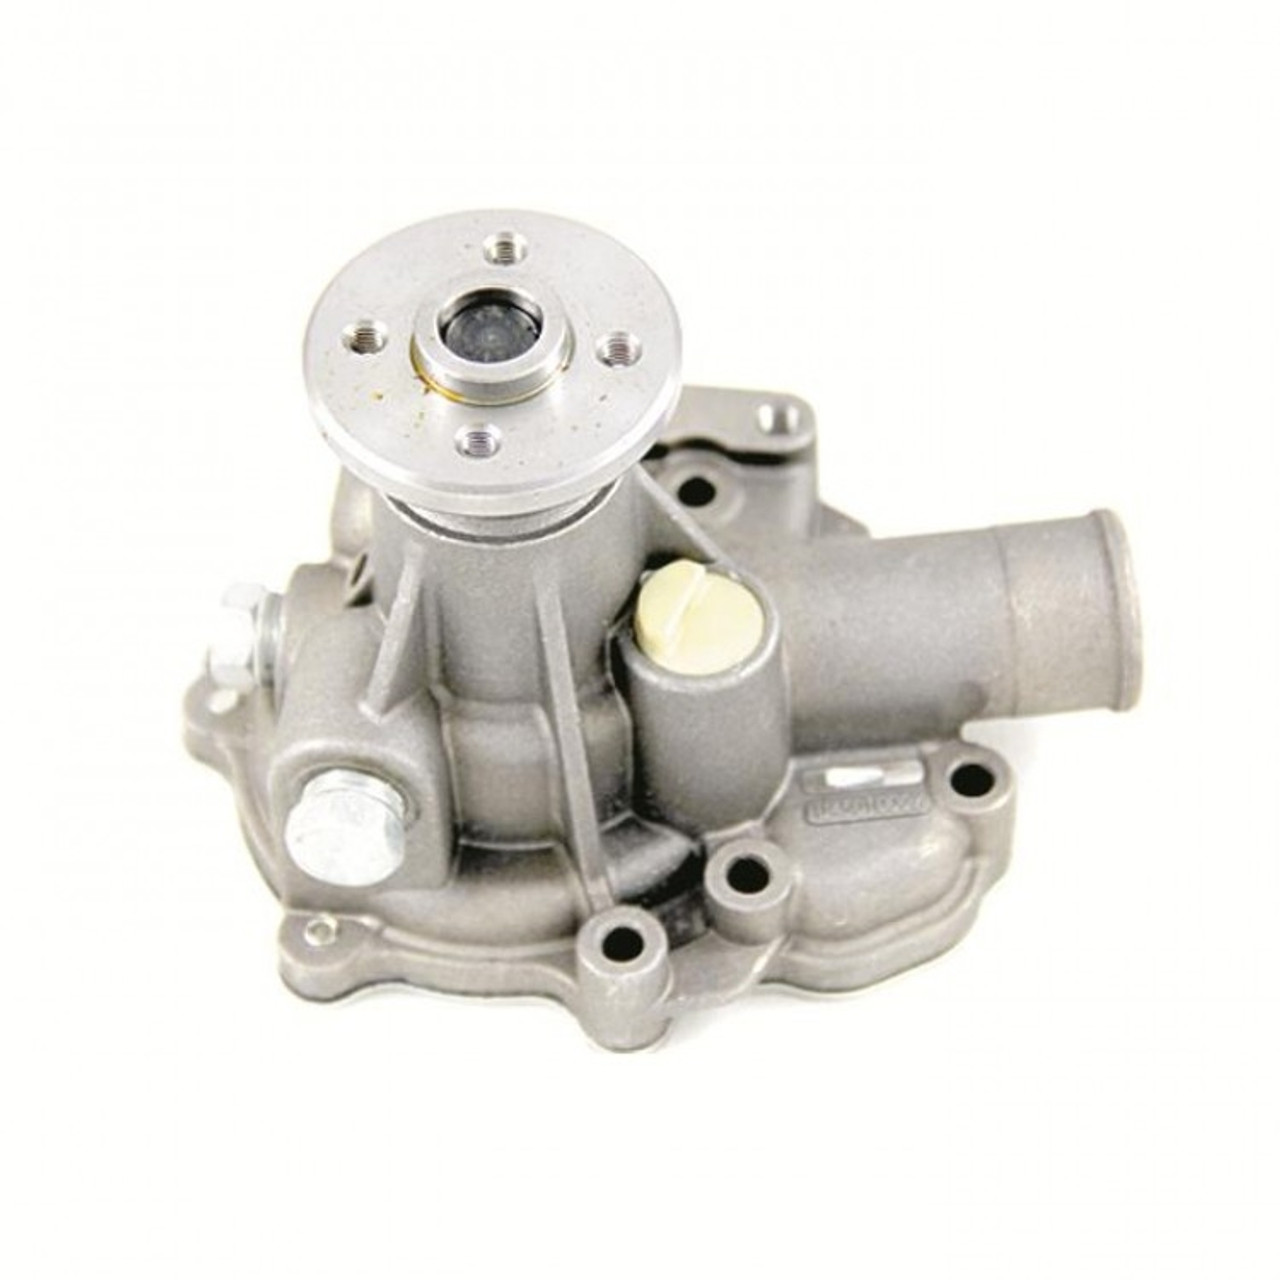 Perkins 400 Series water pump to fit engine codes EK, EL, GK, GL, GM, GN, GP, GR, GS, GU, GV, HR - parts4engines.com